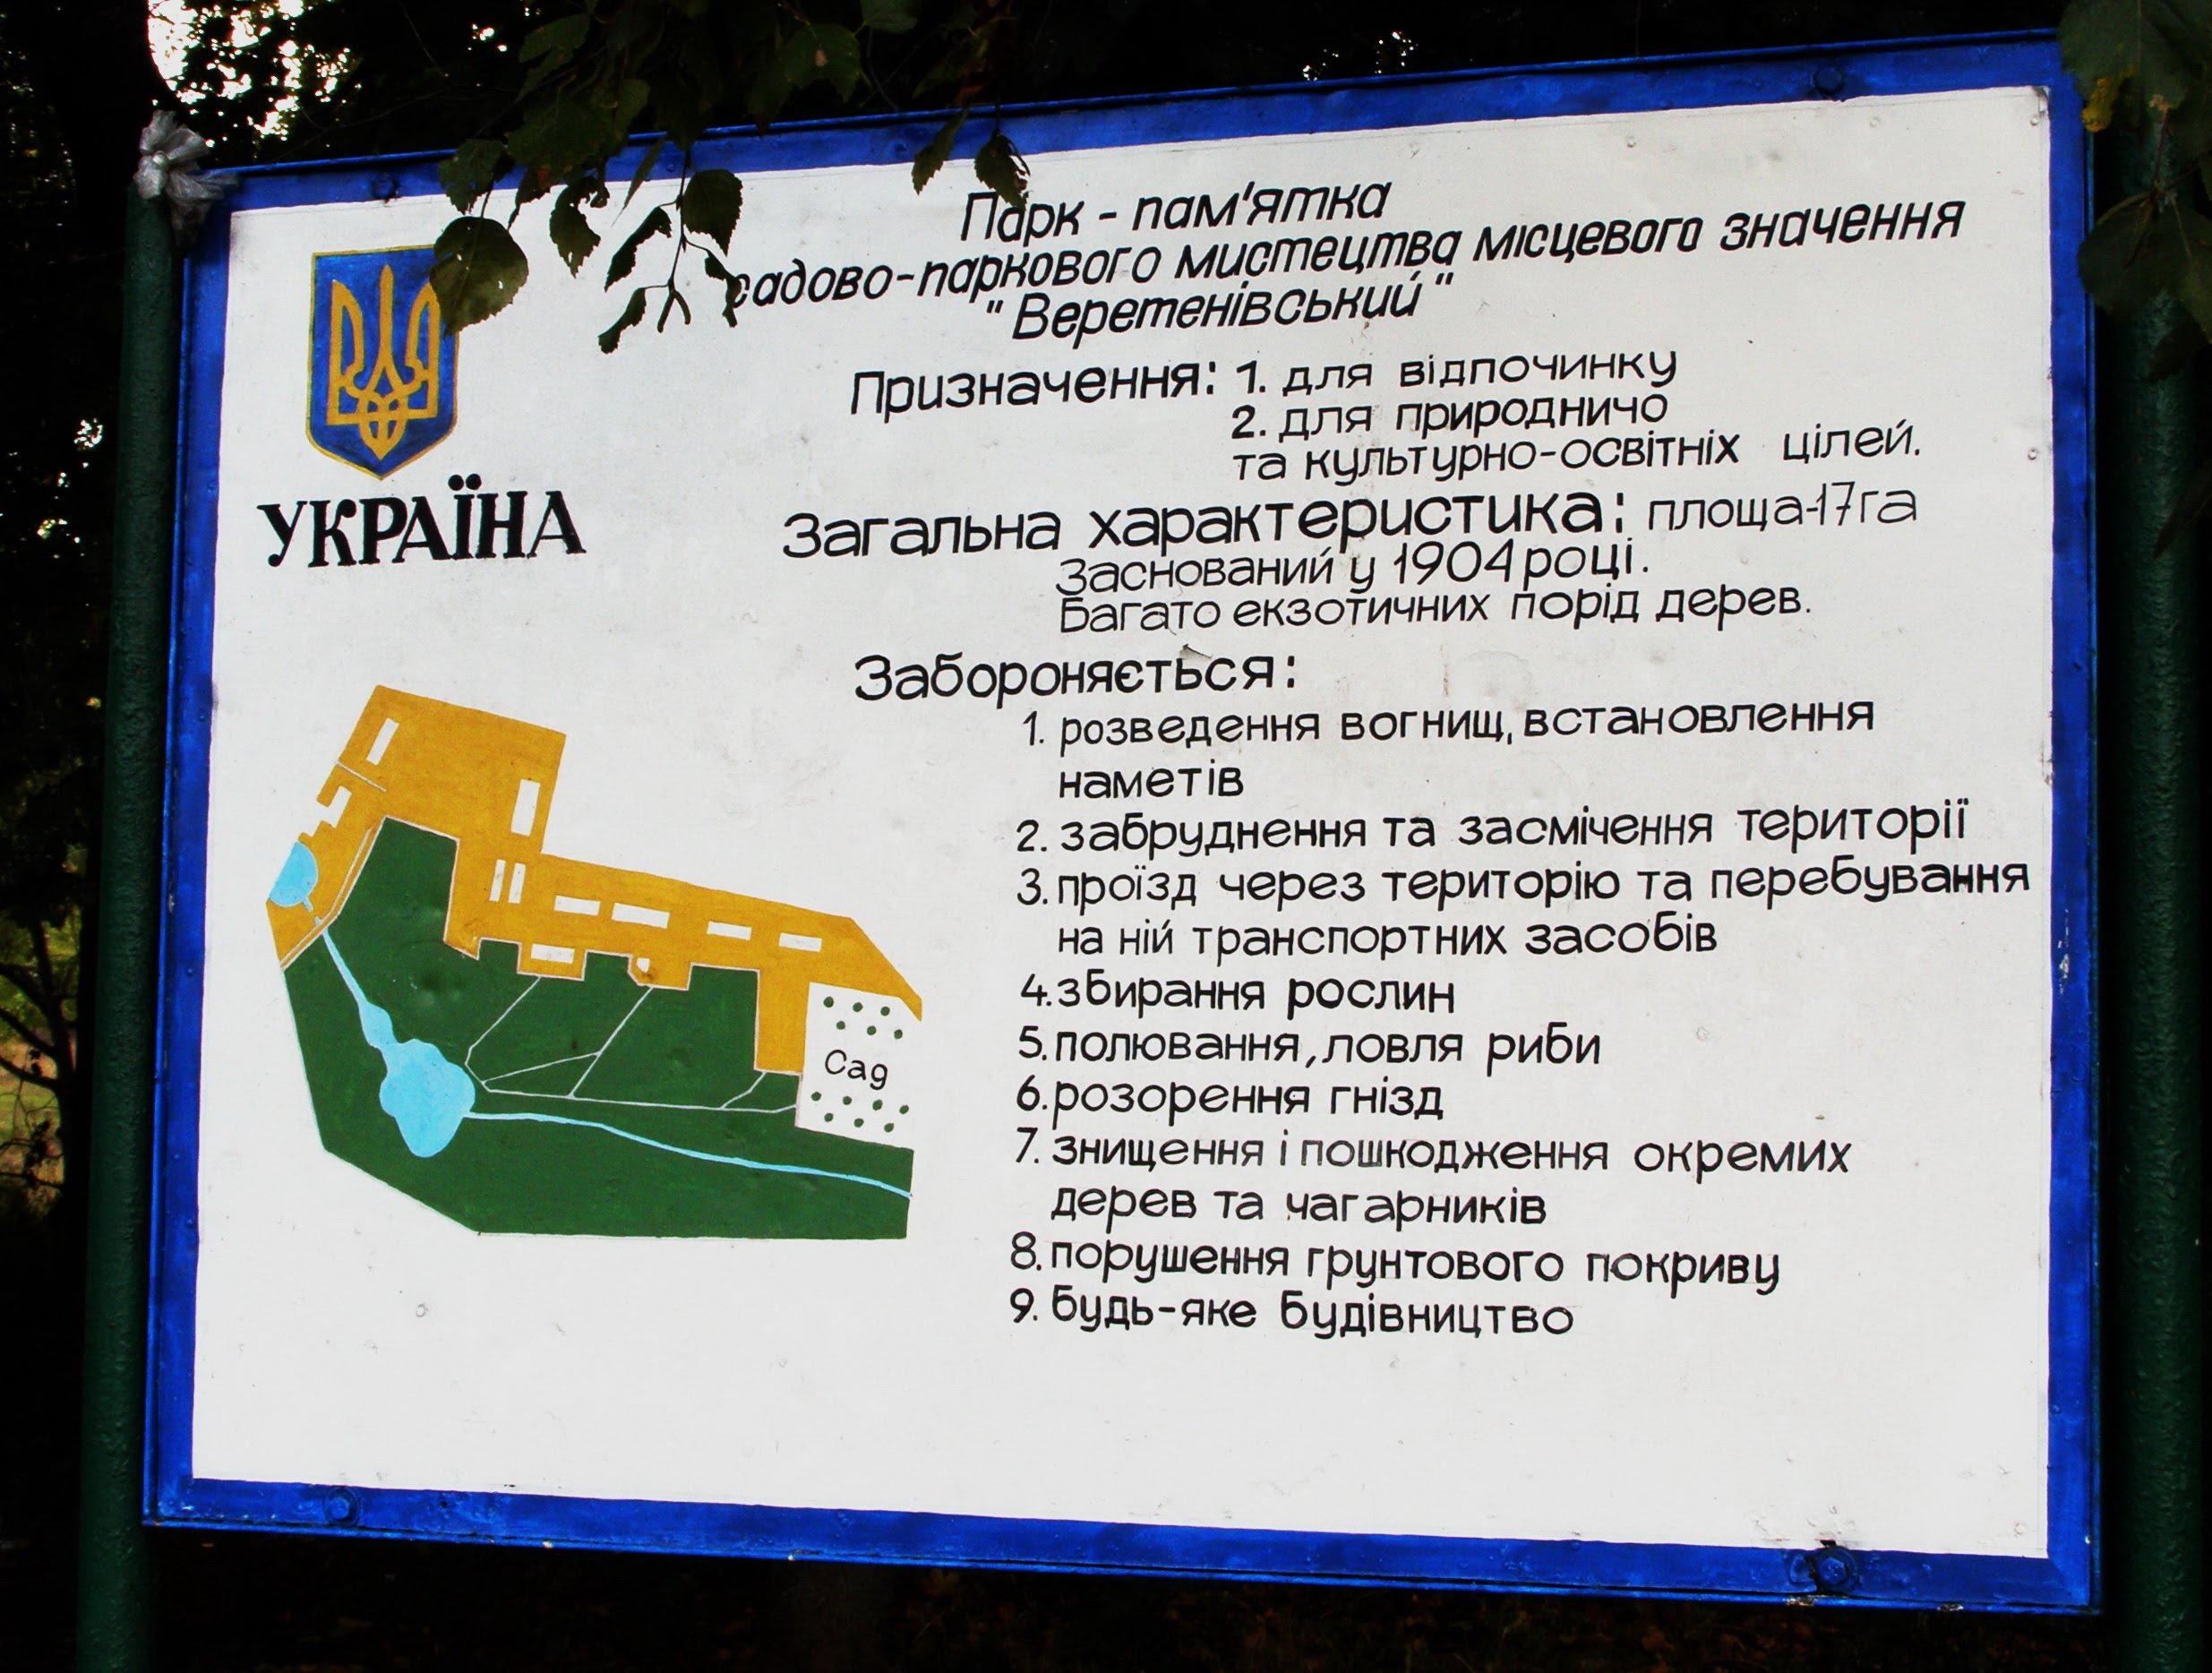 Схема парку та правила перебування. Фото: Myk Sadovyi